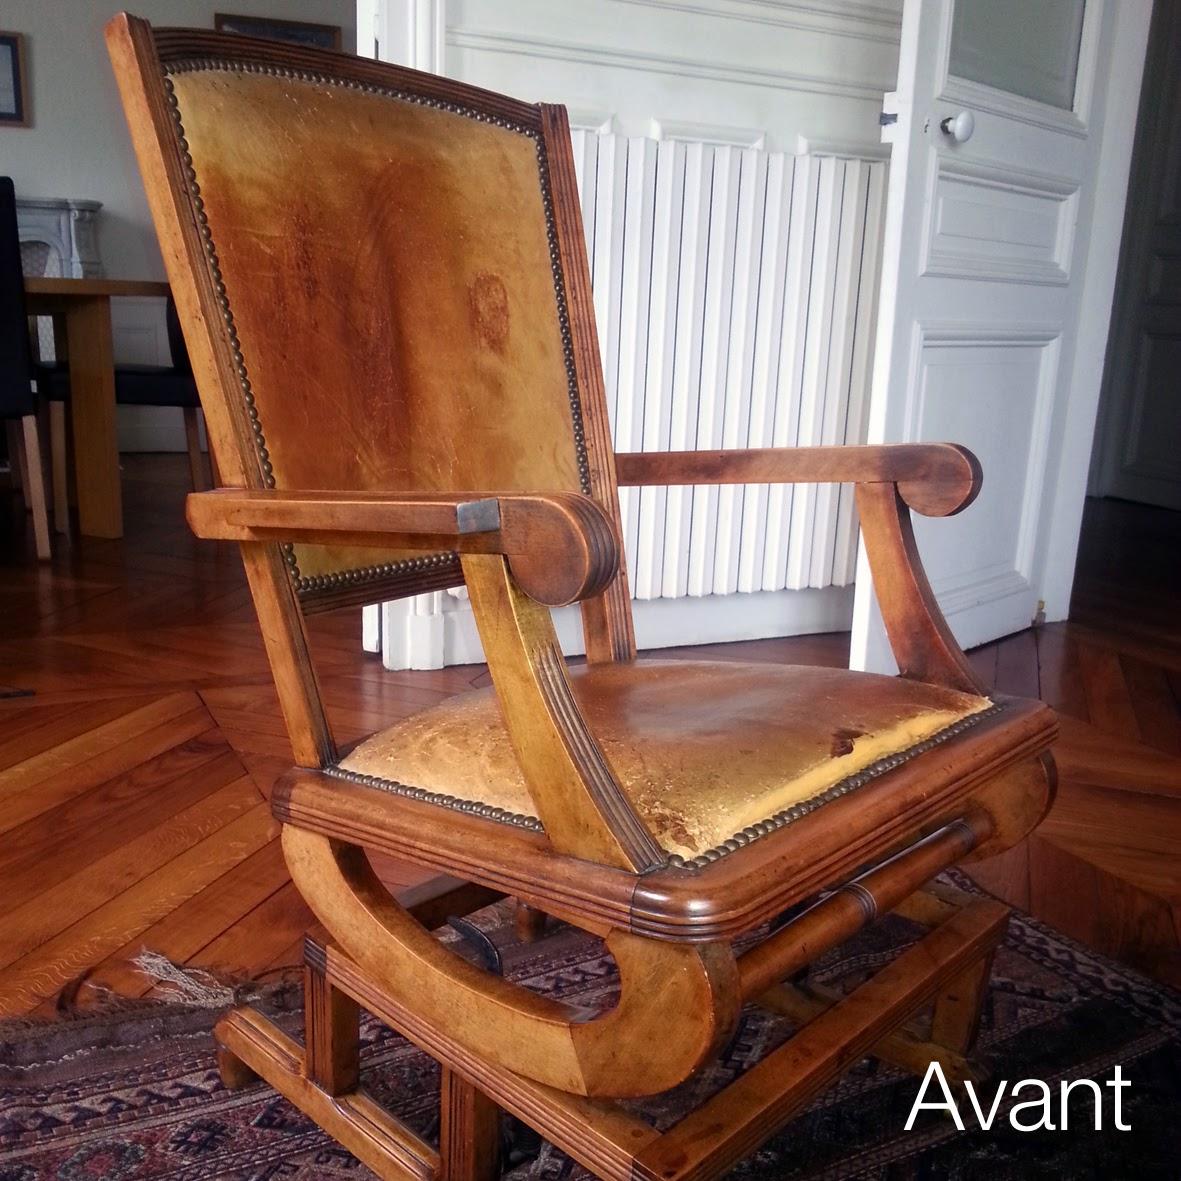 avant apr s fauteuil am ricain atelier velvet artisan tapissier paris 10e. Black Bedroom Furniture Sets. Home Design Ideas